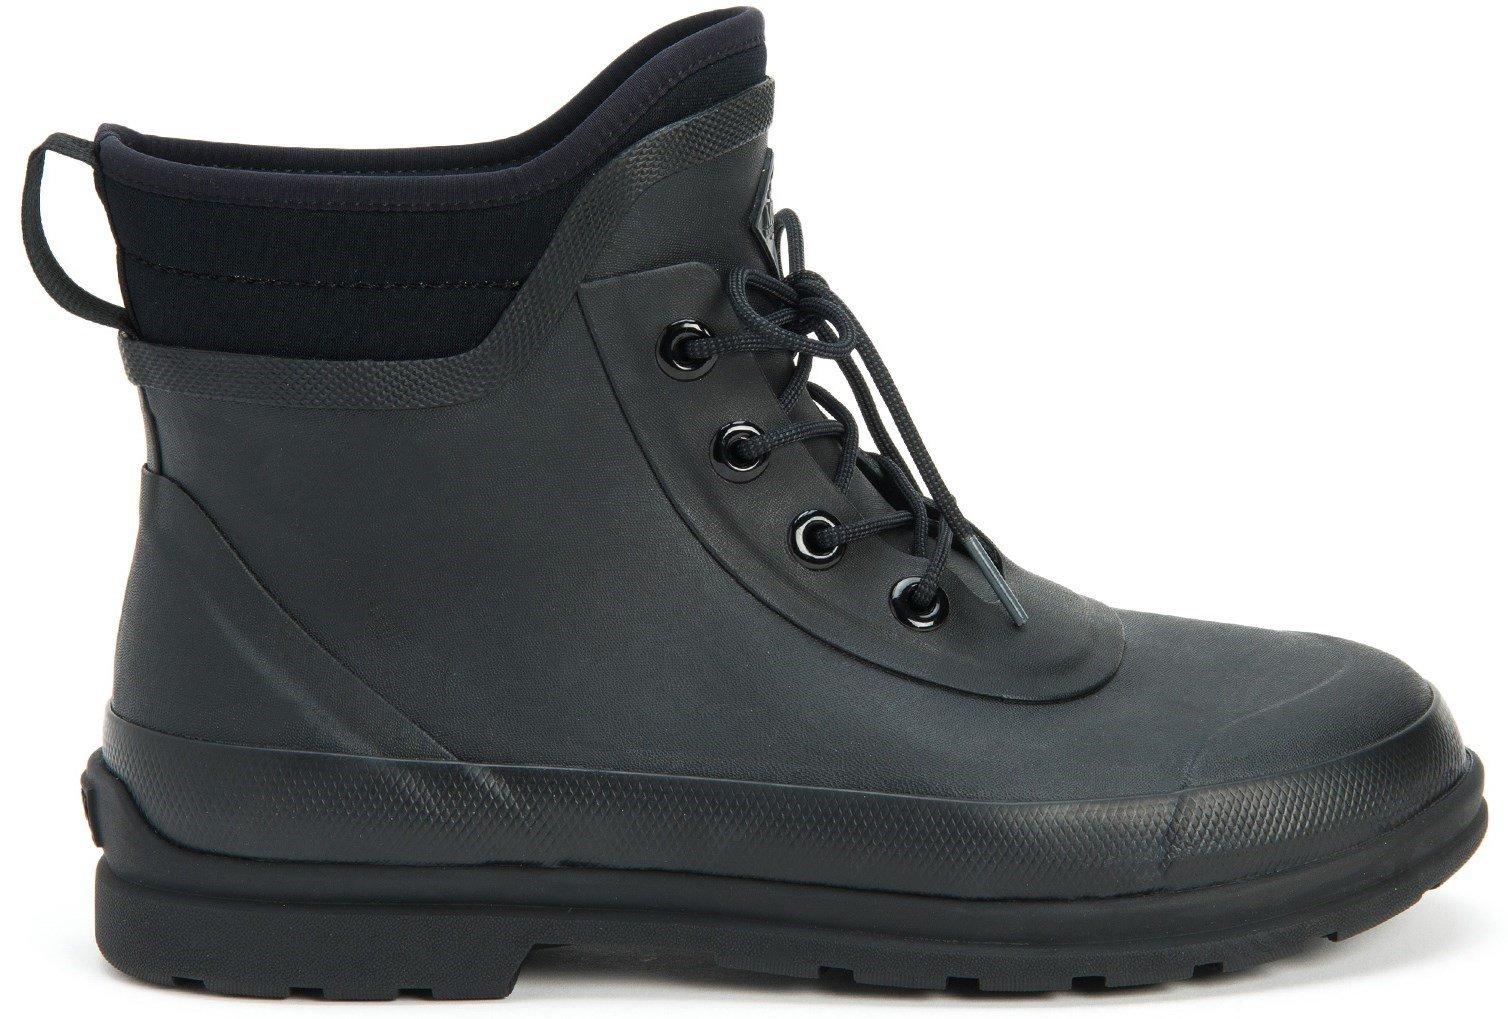 Muck Boots Unisex Muck Originals Lace-Up Boots Various Colours 31783 - Black 6